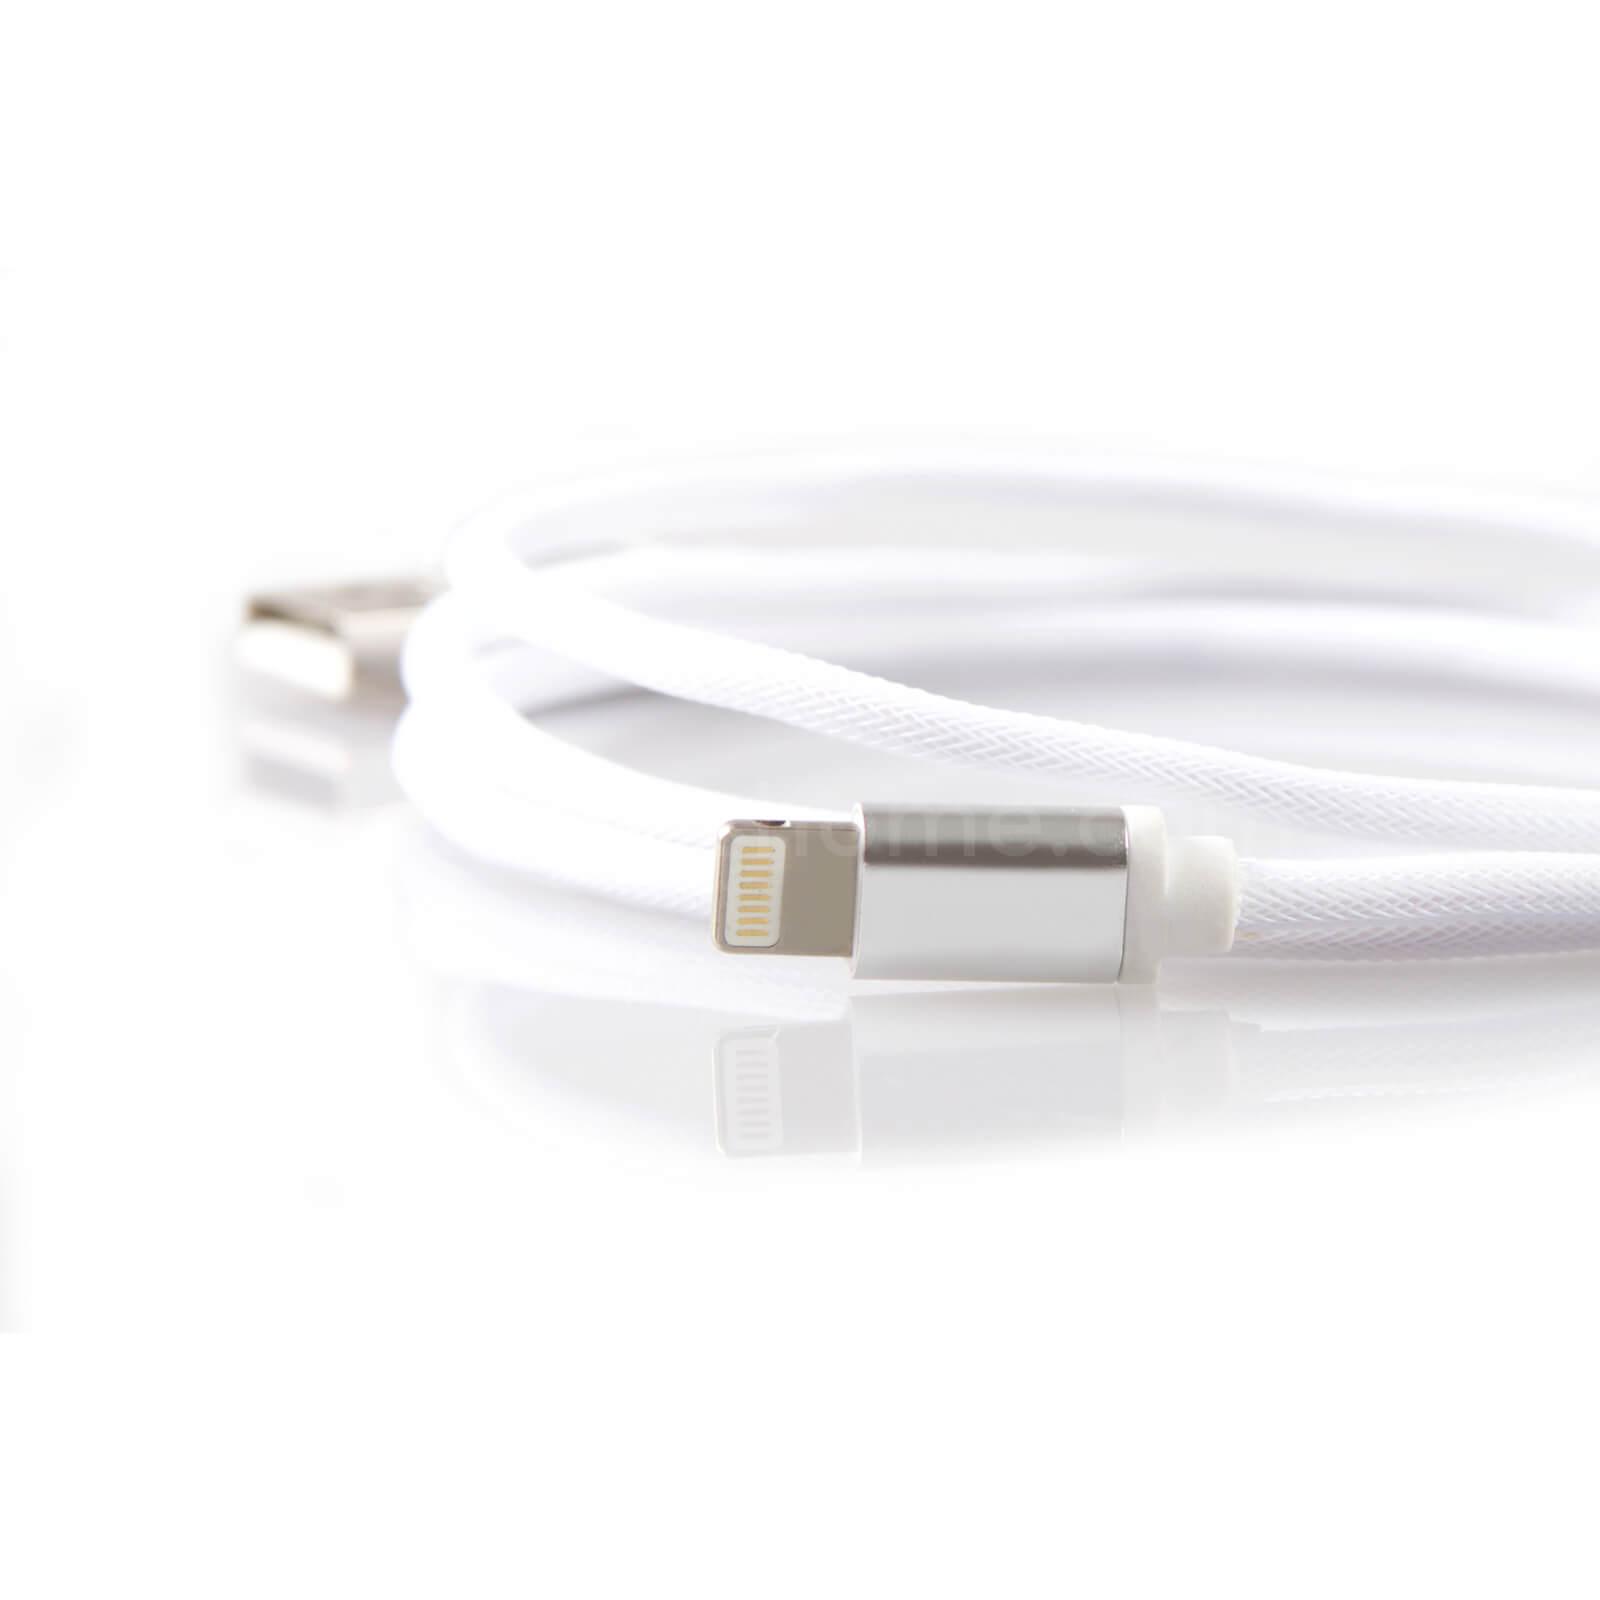 Premium iPhone 7 Plus, 6S, SE, iPad Air 2 / Mini 4, 3 & iPod Touch ...